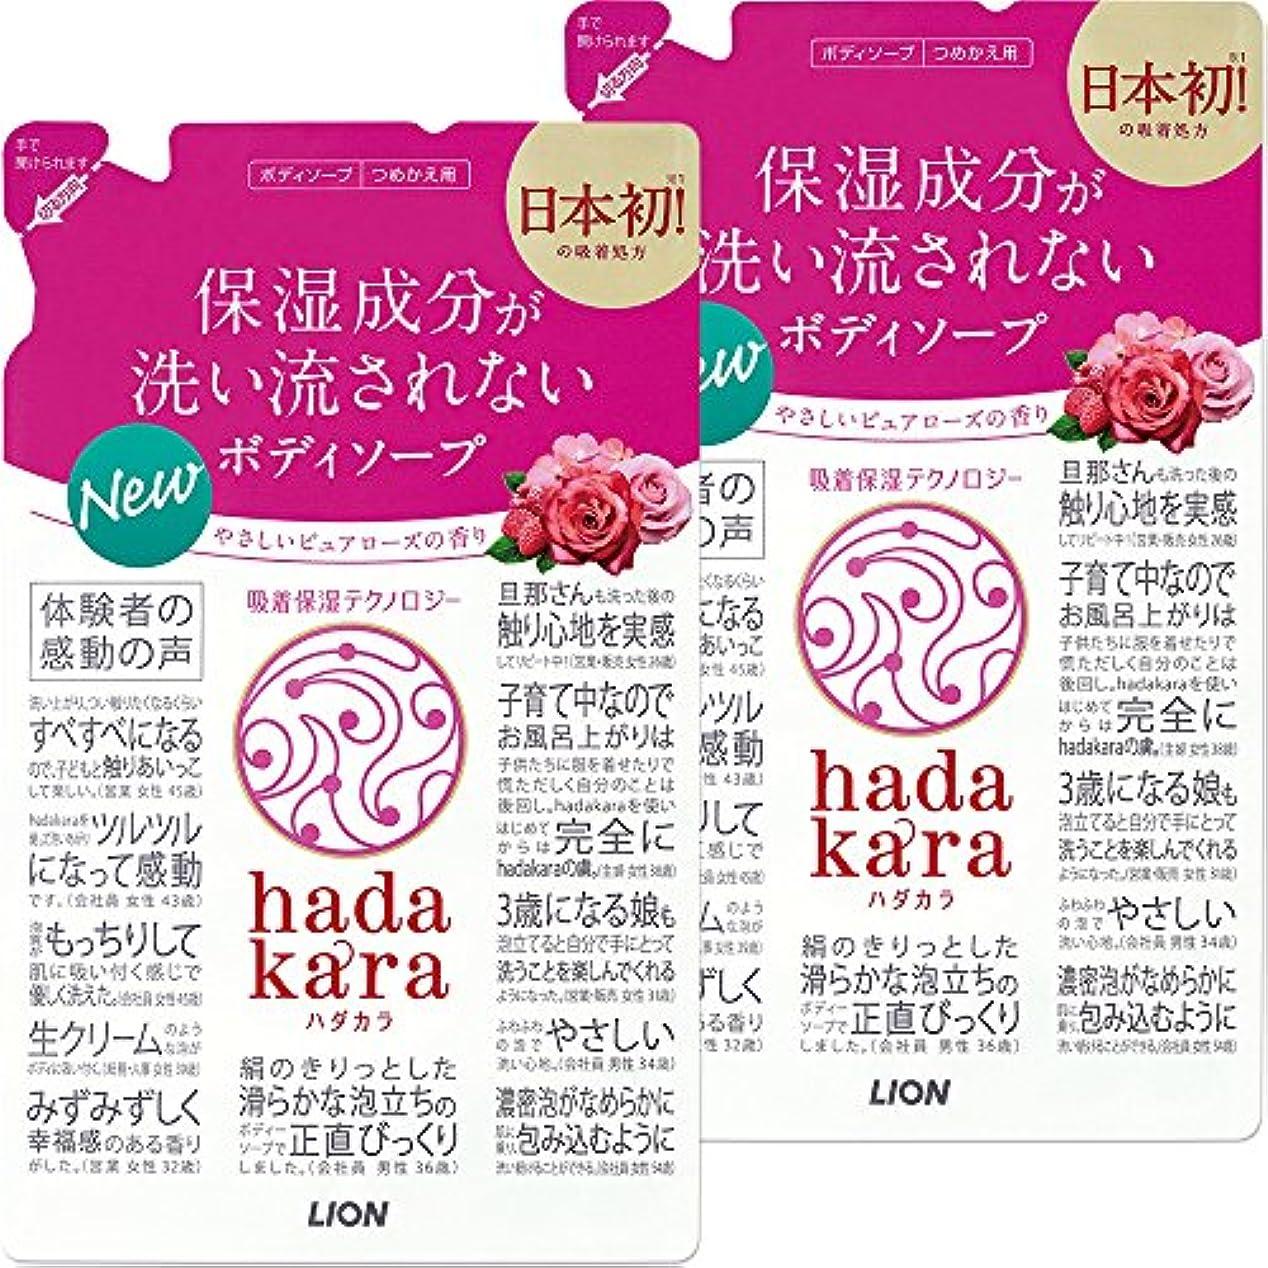 優先権タンク第九【まとめ買い】hadakara(ハダカラ) ボディソープ ピュアローズの香り 詰め替え 360ml×2個パック